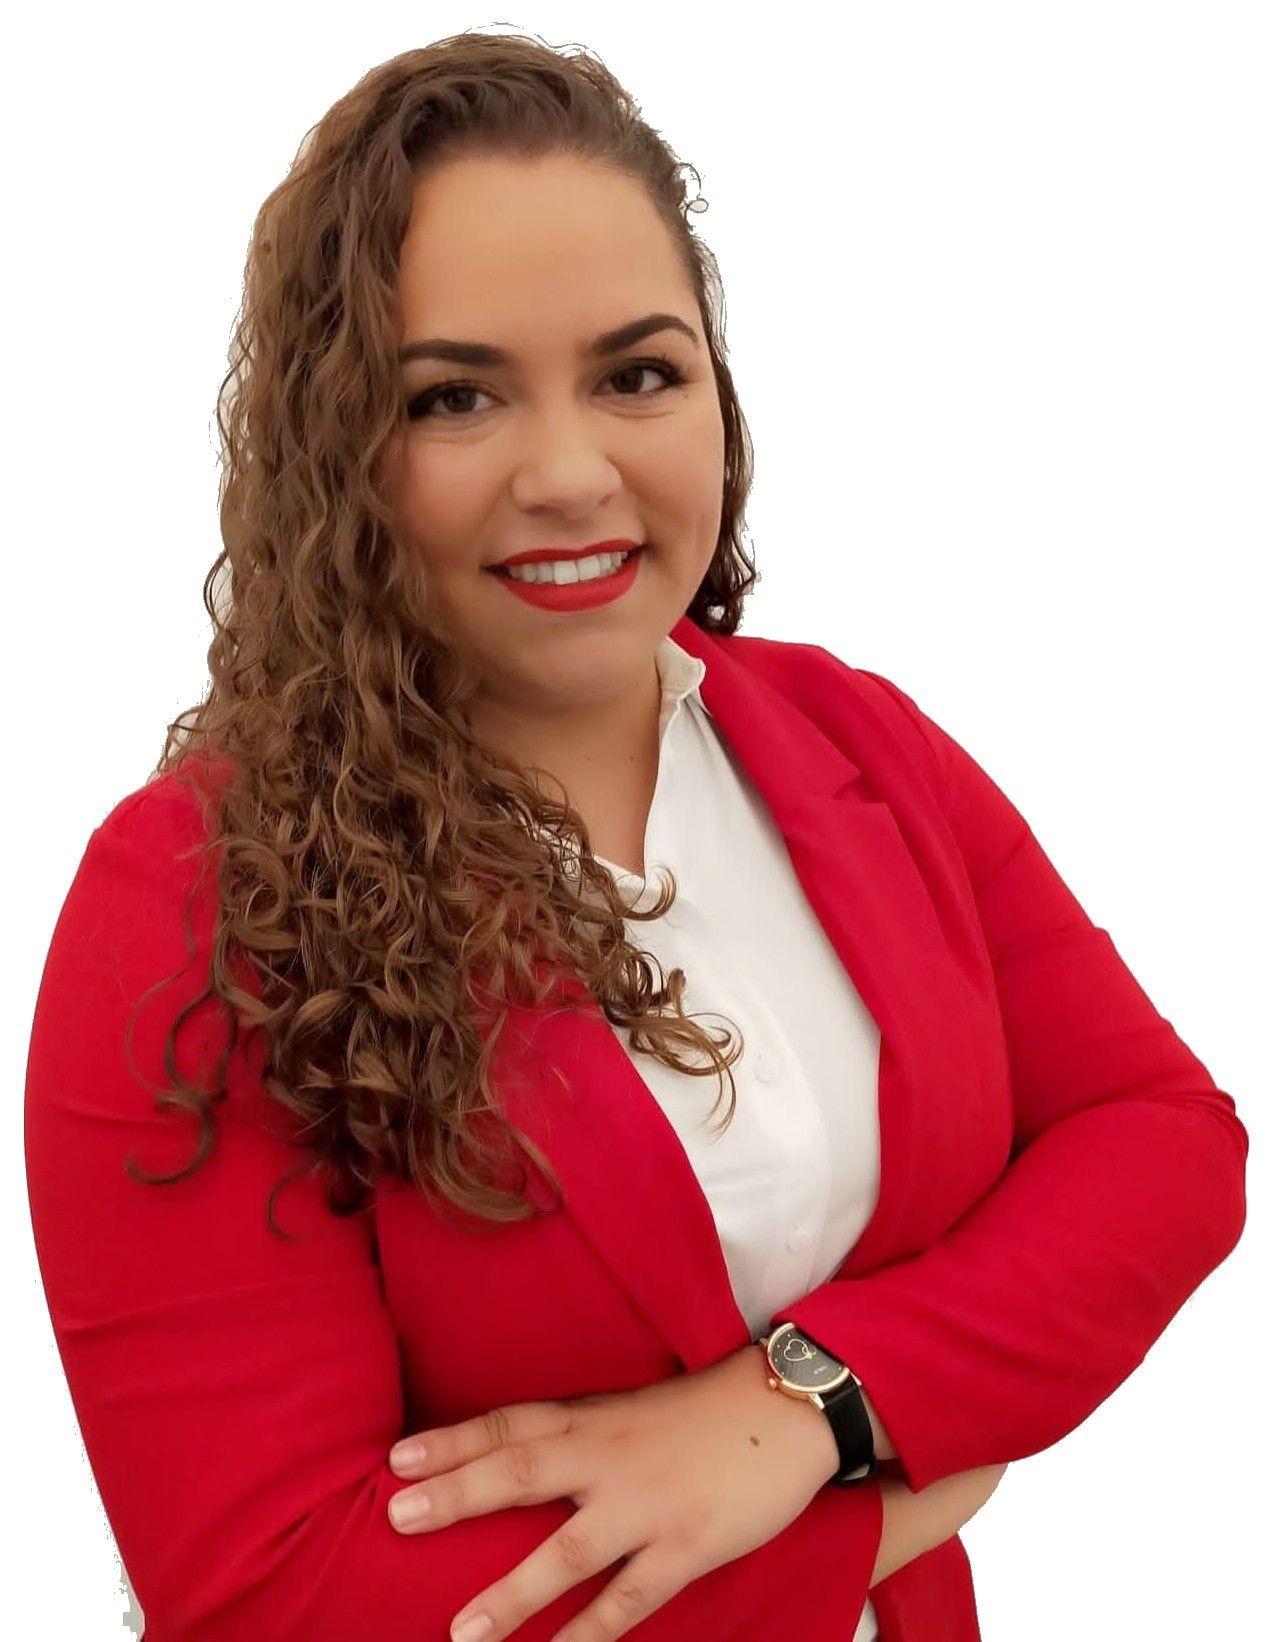 Almudena Vega